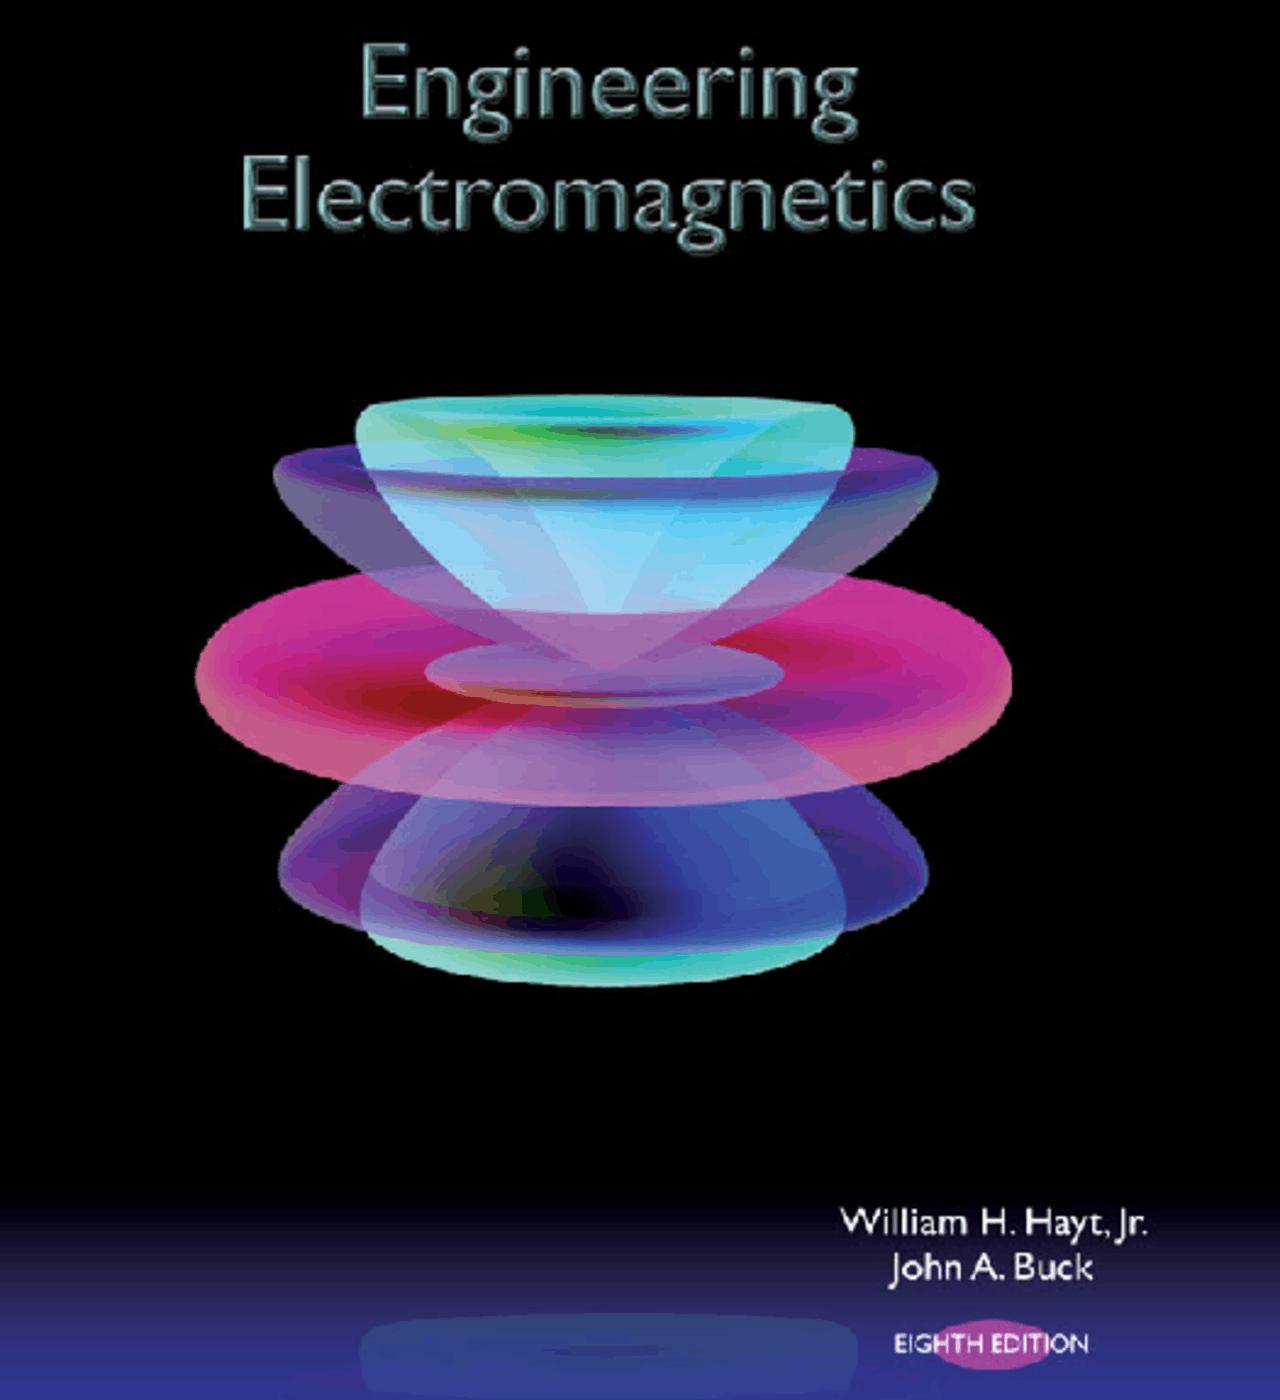 دانلود کتاب الکترومغناطیس مهندسی ویلیام هیت ویرایش 8